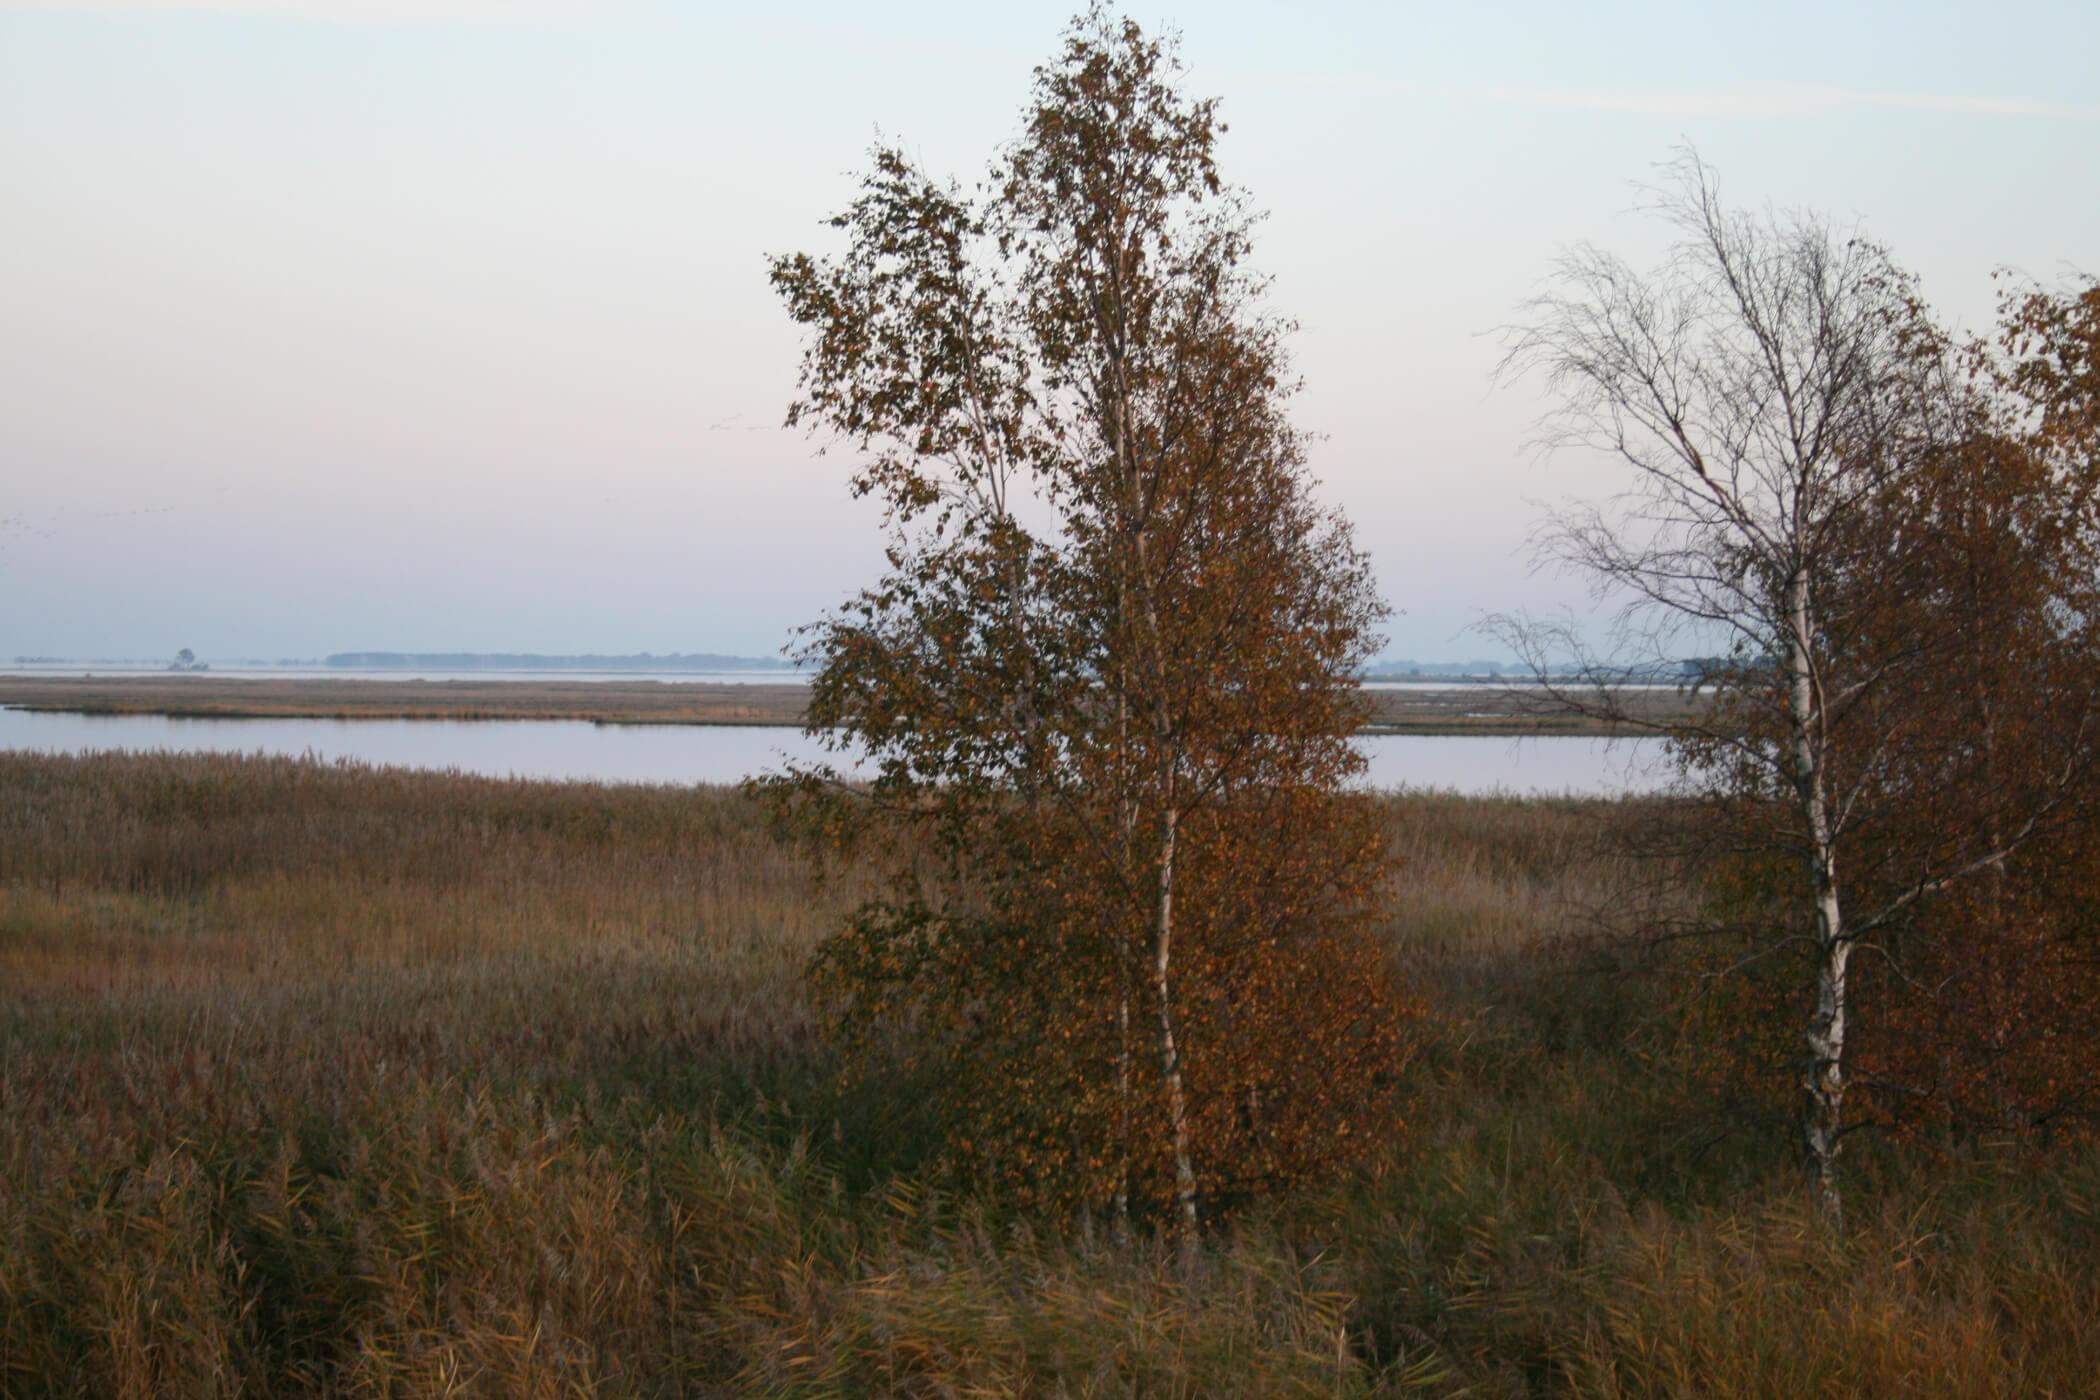 Frischkostwoche-Gruppe bei Kranichbeobachung auf dem Fischland Darß auf dem Boddendeich